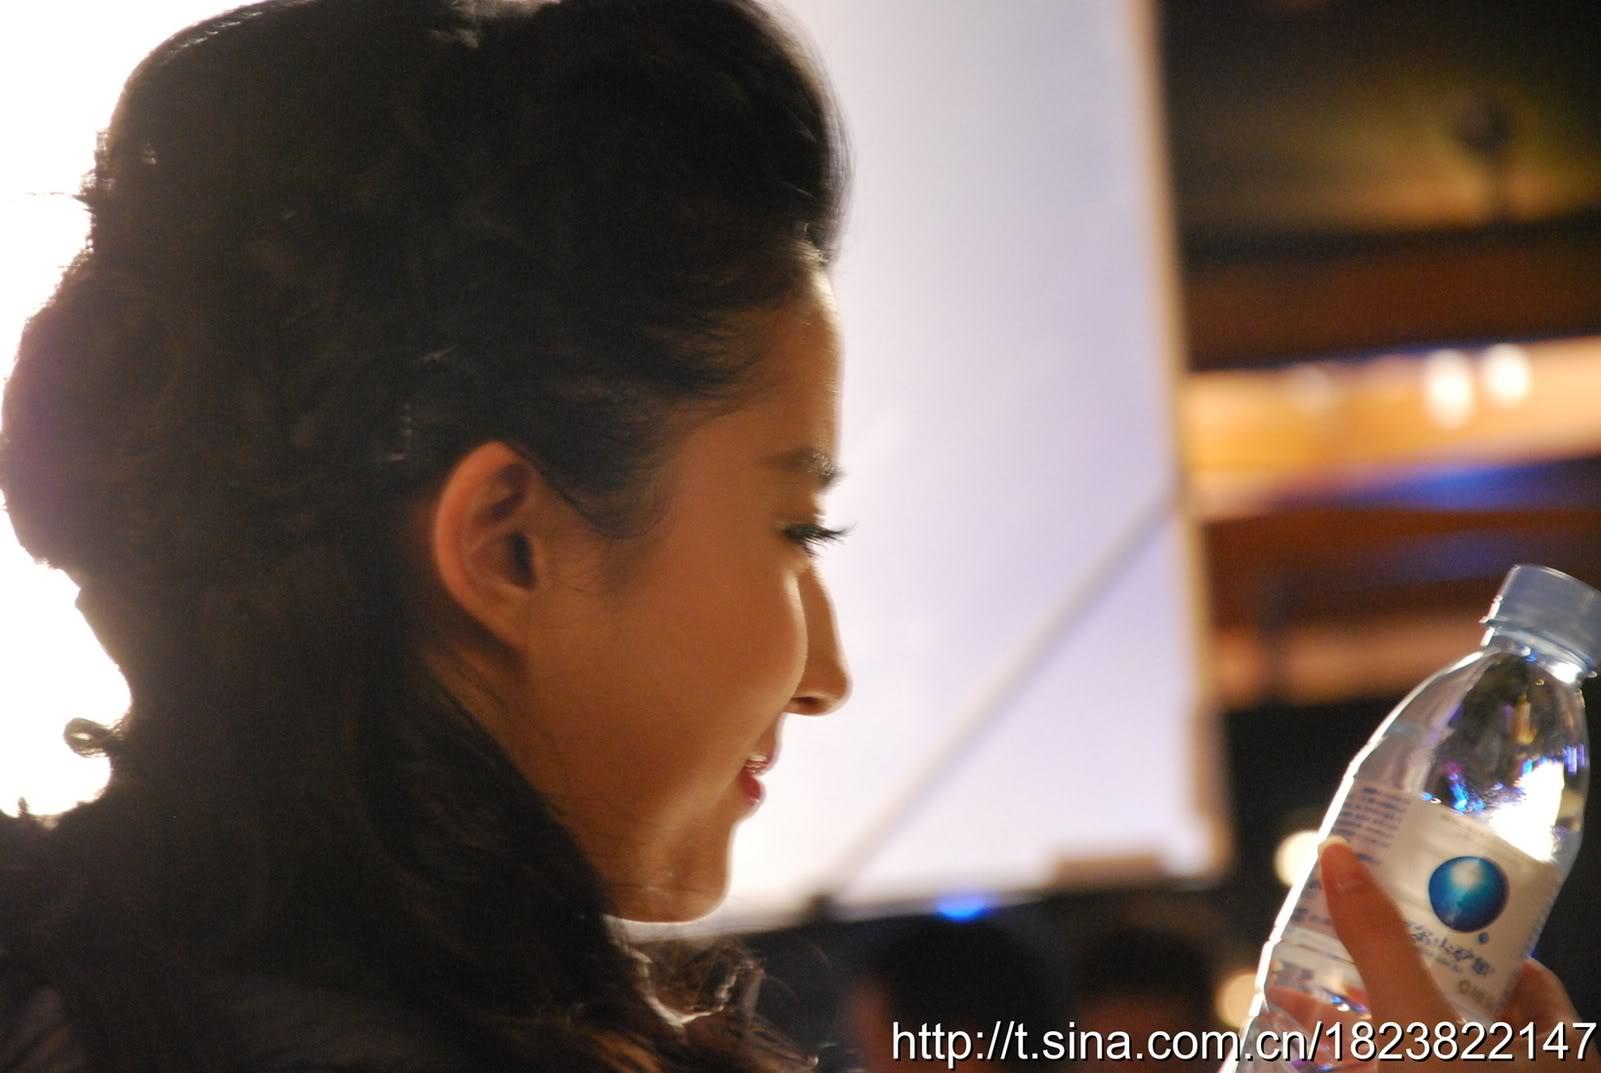 [2011] ถ่ายโฆษณาน้ำดื่ม Aersan_阿尔山 6cb55143t74ebbcf2181a690